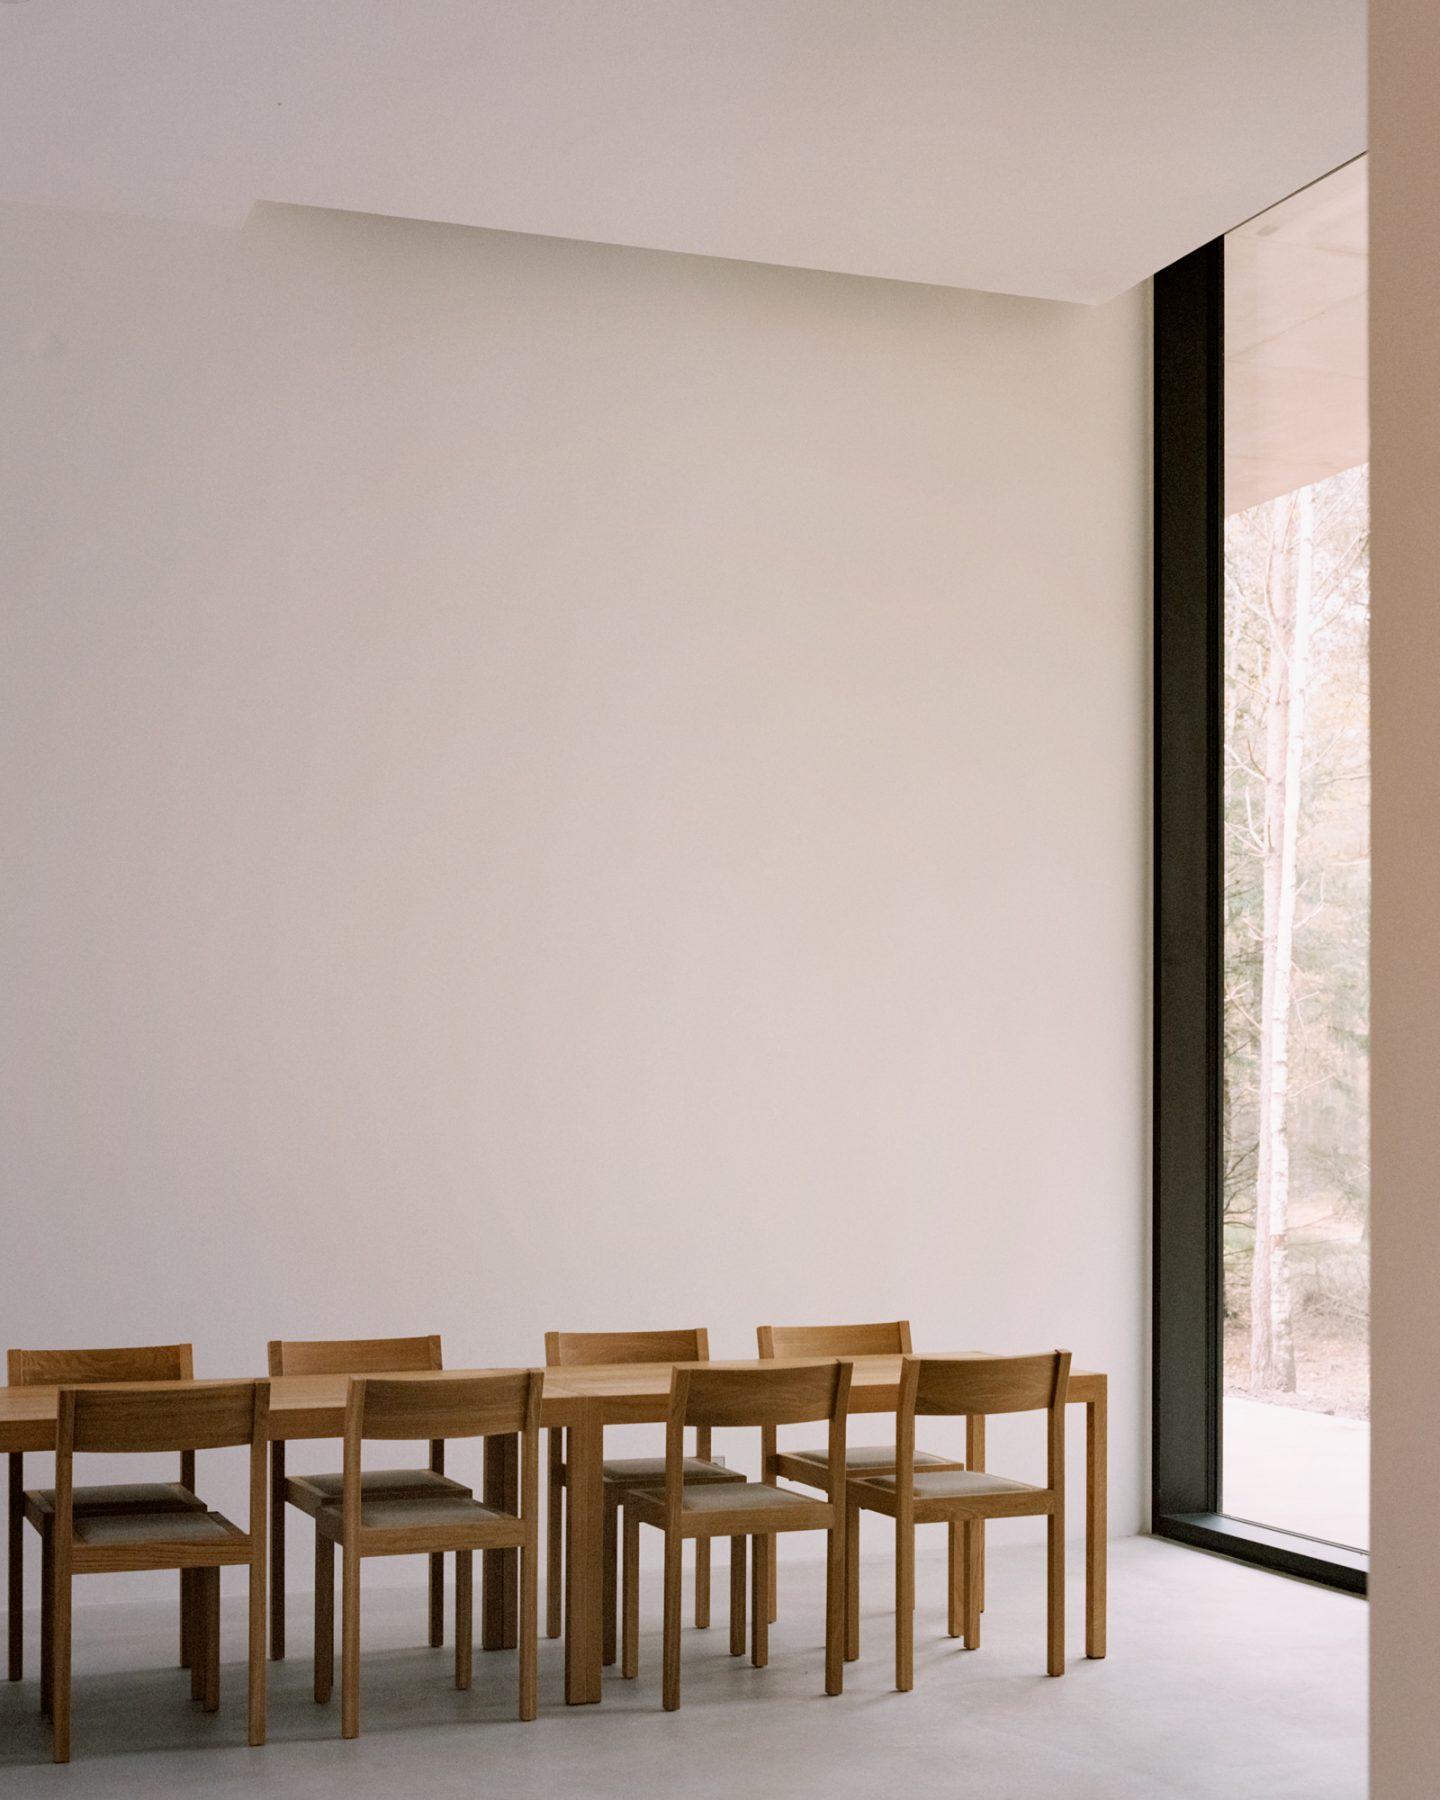 IGNANT-Architecture-Kaan-Architecten-Loenen-Pavilion-019